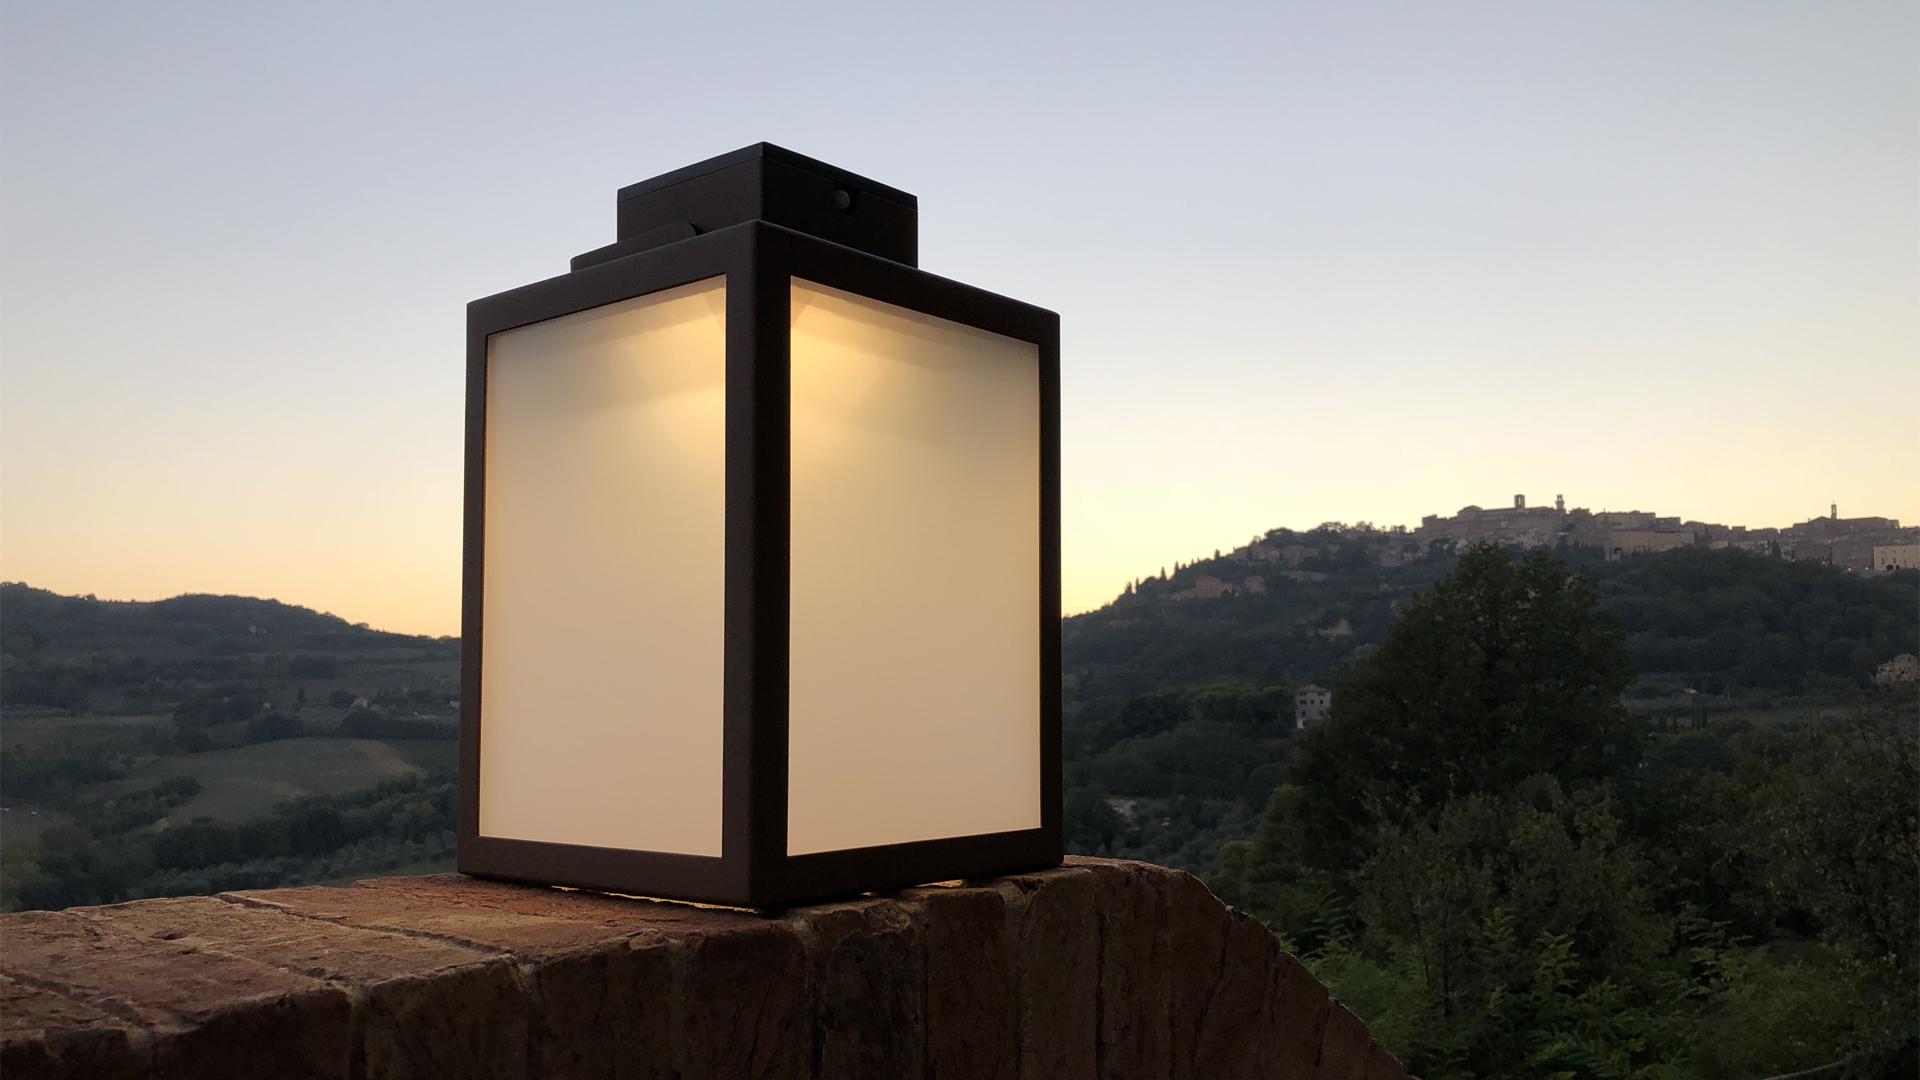 Les lanternes solaires extérieures LYX Luminaires sont fabriquées en acier inoxydable, disponible en quatre dimensions, en acier rouille Corten ou gris anthracite. Ces lampes d'extérieur solaires sont des lampes autonomes, toutes équipées d'un détecteur de présence. La lanterne solaire LAS est idéale pour l'éclairage de jardin, l'éclairage de terrasses, l'éclairage de balcons. Luminaires solaires design pour un éclairage moderne. / Lampe extérieure jardin pour un éclairage extérieur design. Version lampe solaire jardin ou lampe jardin LED. Cette lampe de jardin ou lampe terrasse est une lampe de jardin avec détecteur. Fabriquée en acier, la lampe jardin détecteur permet un éclairage solaire ou un éclairage LED puissant selon le modèle choisi. Découvrez la collection de luminaires extérieurs constituée de lampes solaires et lampes LED. Vaste collection d'appliques extérieures / appliques murales : applique murale extérieure solaire, applique murale LED, applique extérieure design. Les appliques extérieures murales sont de fabrication française. Lampe solaire idéale pour l'éclairage de terrasses, de jardin. Lampe solaire terrasse, lampe extérieure terrasse permettant un éclairage performant. La lampe extérieure est équipée d'un détecteur de présence. Le luminaire extérieur doté d'un détecteur de mouvement, éclaire au passage d'une personne d'une voiture. Lampe extérieure détecteur puissante et efficace, au design épuré et moderne.